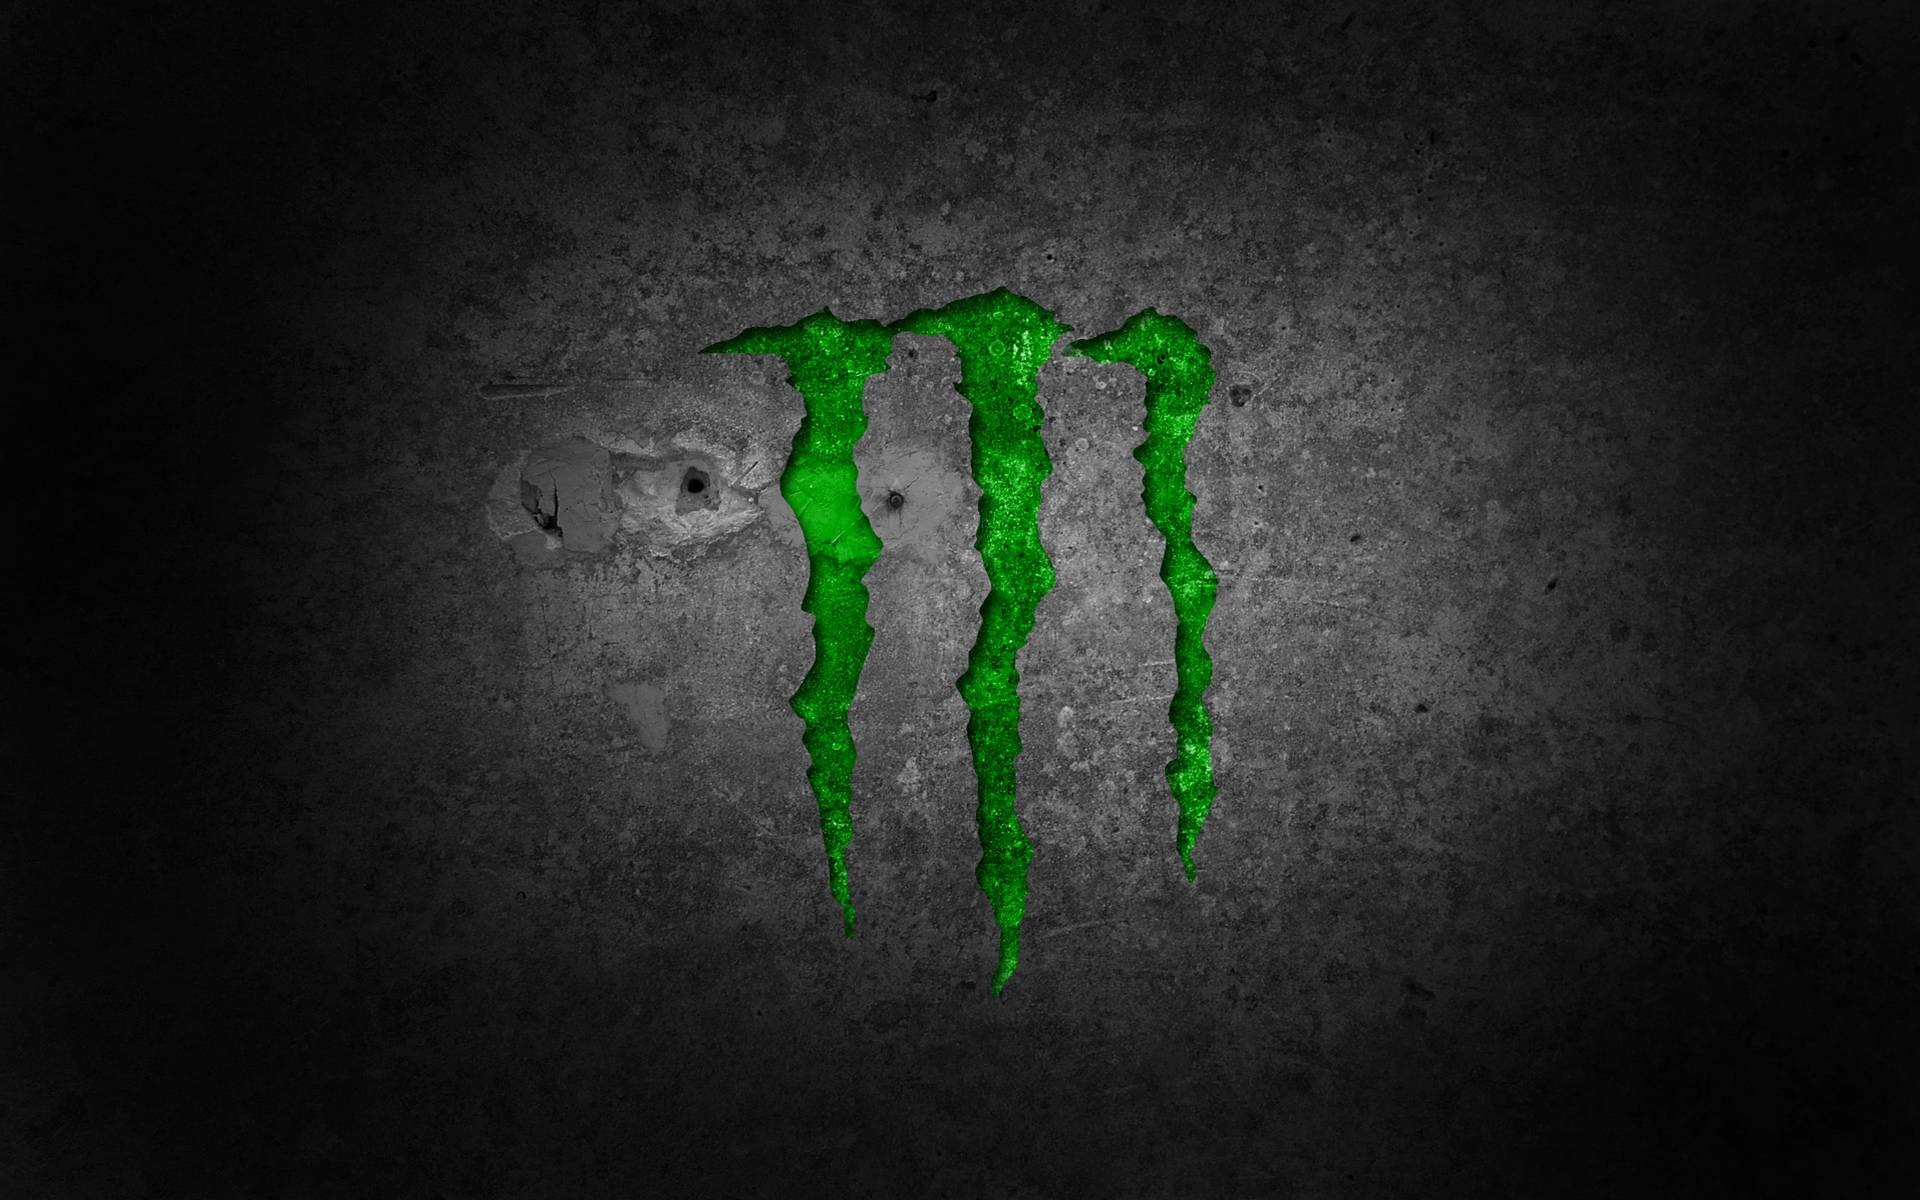 Wallpapers Monster Energy Origin Girls × Monster Energy | HD Wallpapers |  Pinterest | Hd wallpaper, Monsters and Wallpaper